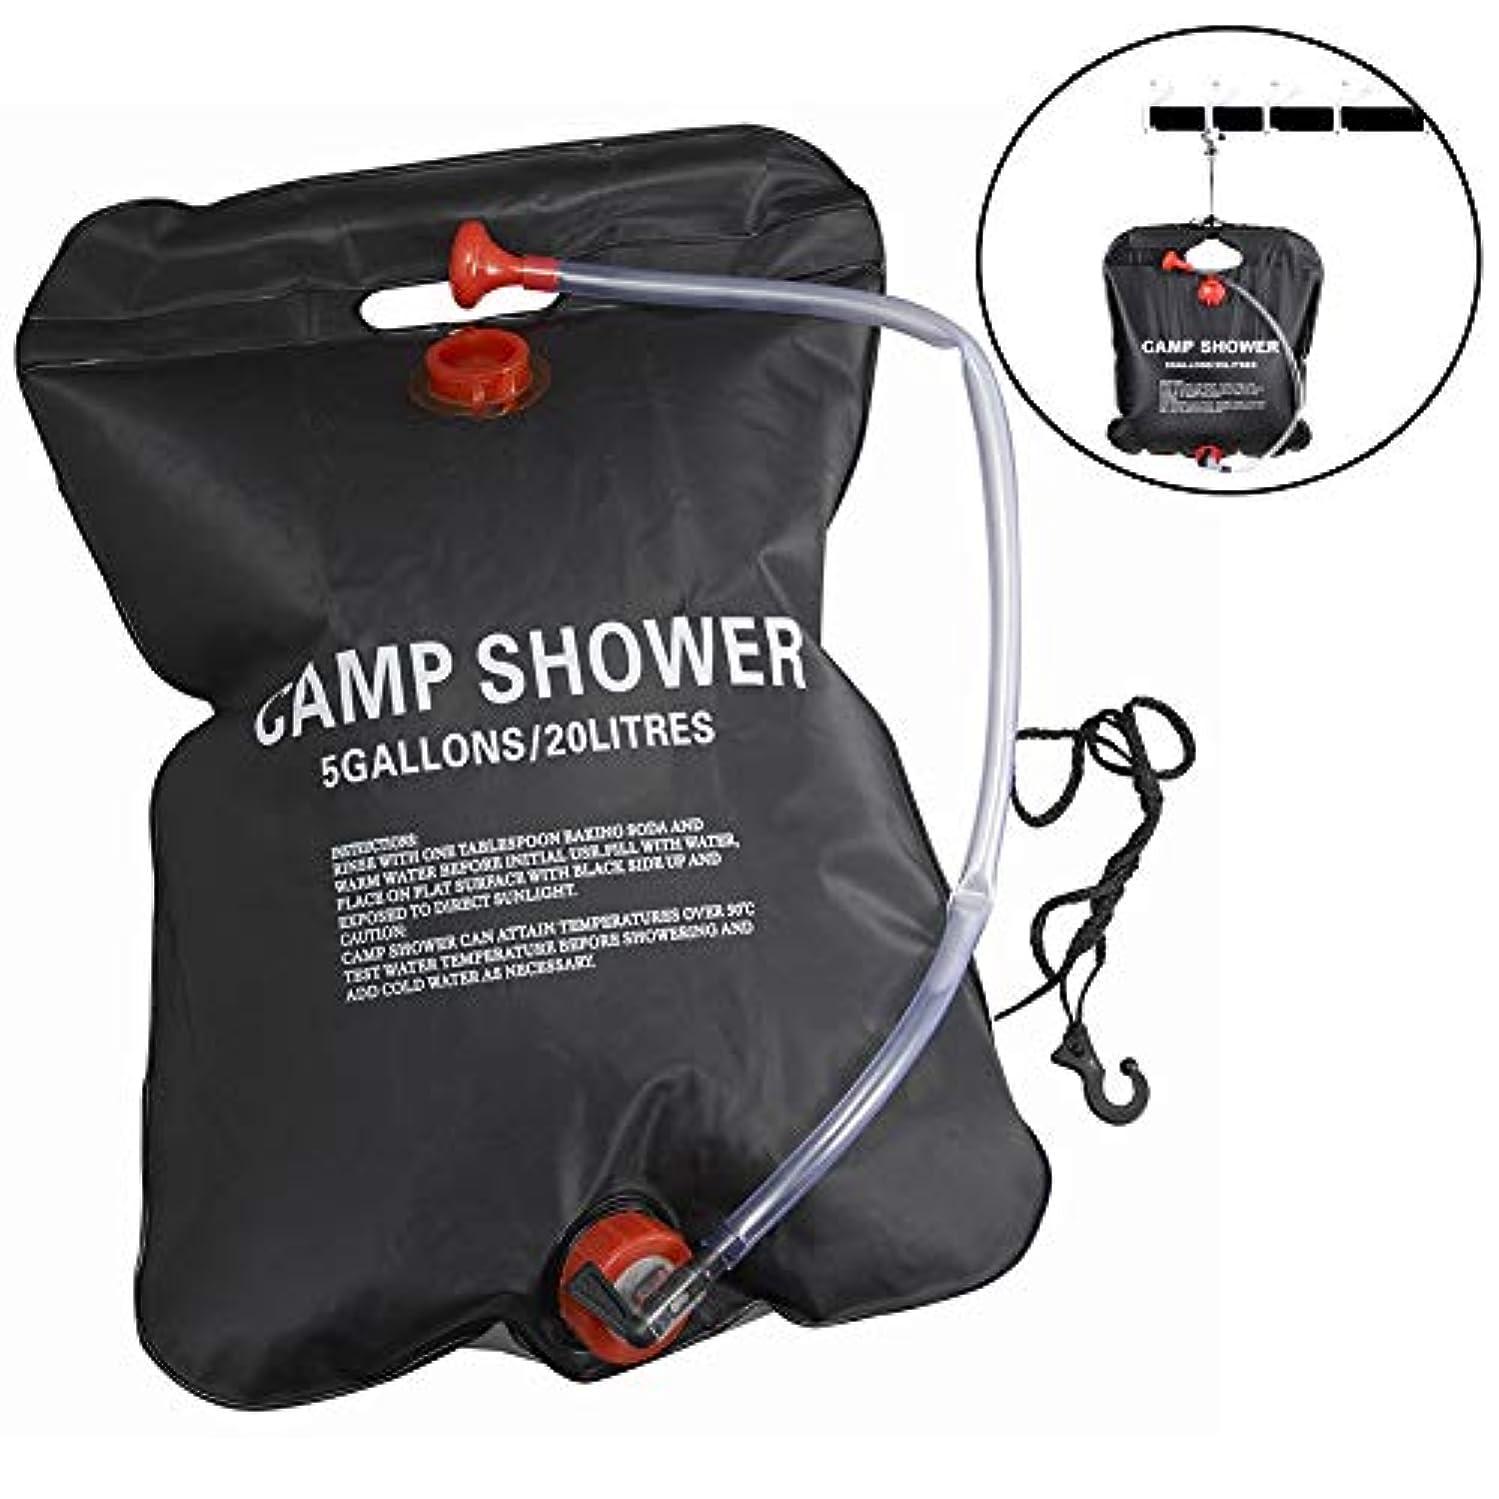 居心地の良い小康寸前Meanhoo 20L/5ガロン キャンプ ソーラー シャワーバッグ ポータブル アウトドア キャンプ ハイキング シャワー シャワーバッグ 加熱バッグ PVC ウォーターバッグ